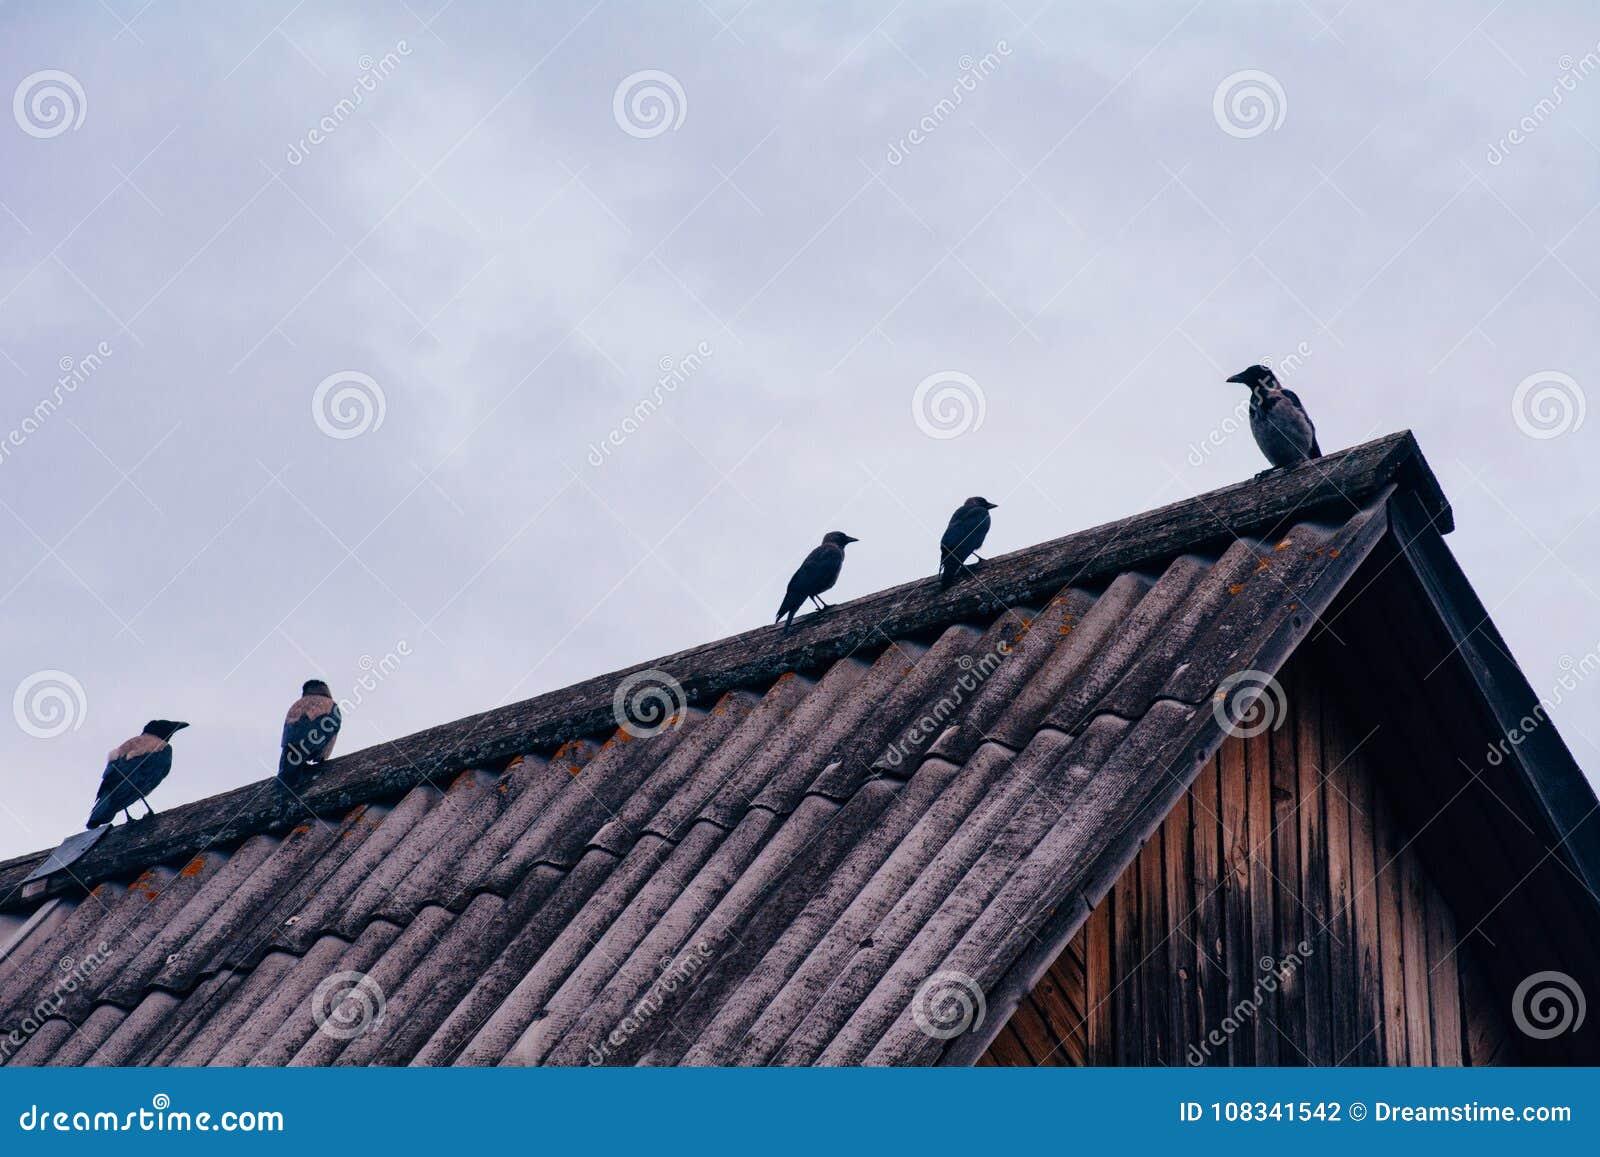 De kraaien zitten op het dak van het huis in bewolkt weer